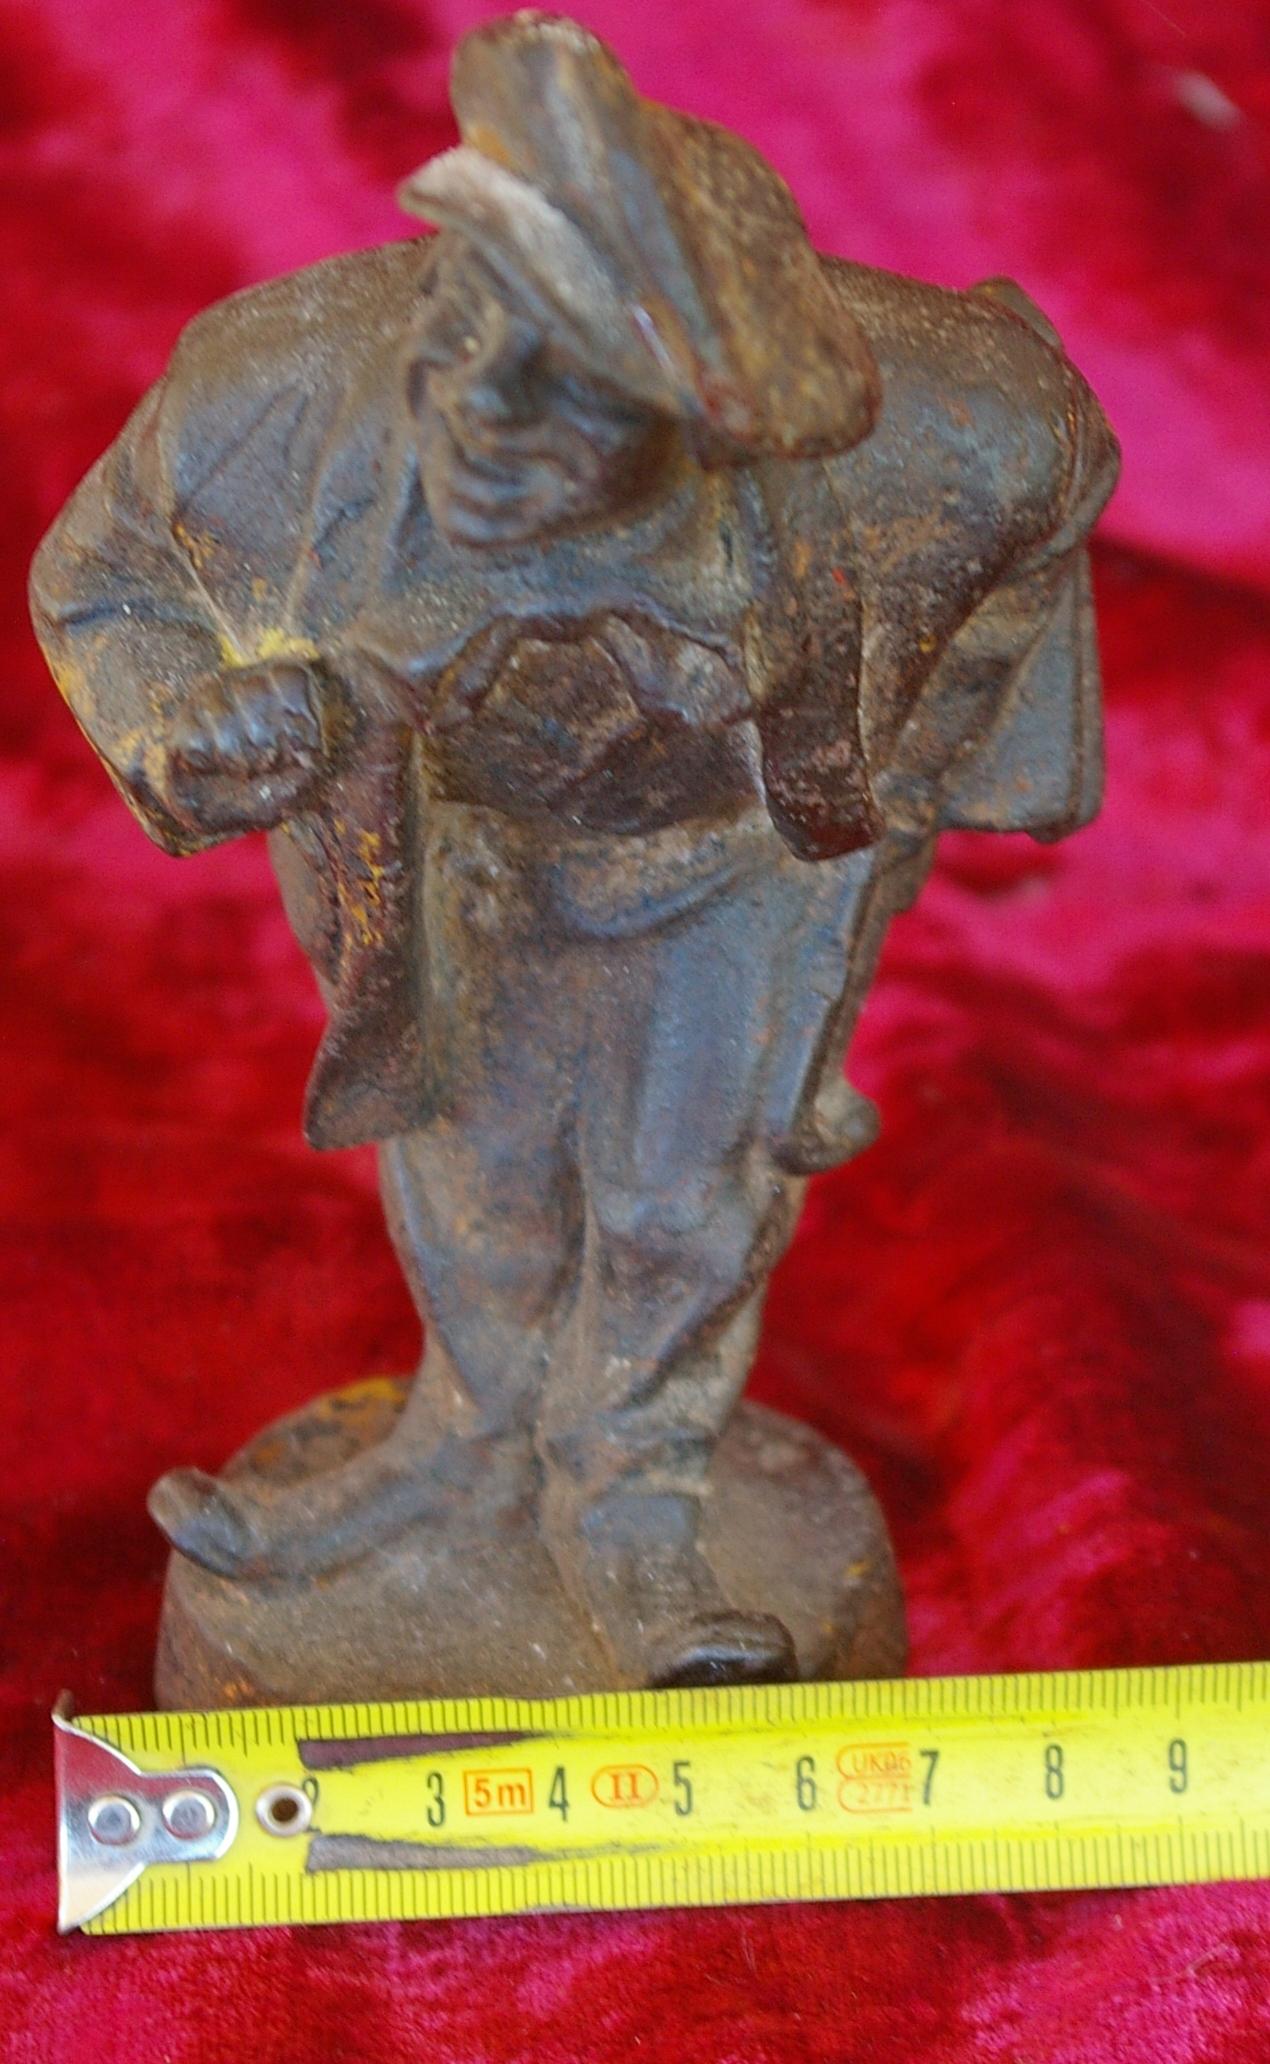 Скульптура Мужичёк, материал чугун, высота 17 см., ширина 6 см., длина 5 см. Касли - 7